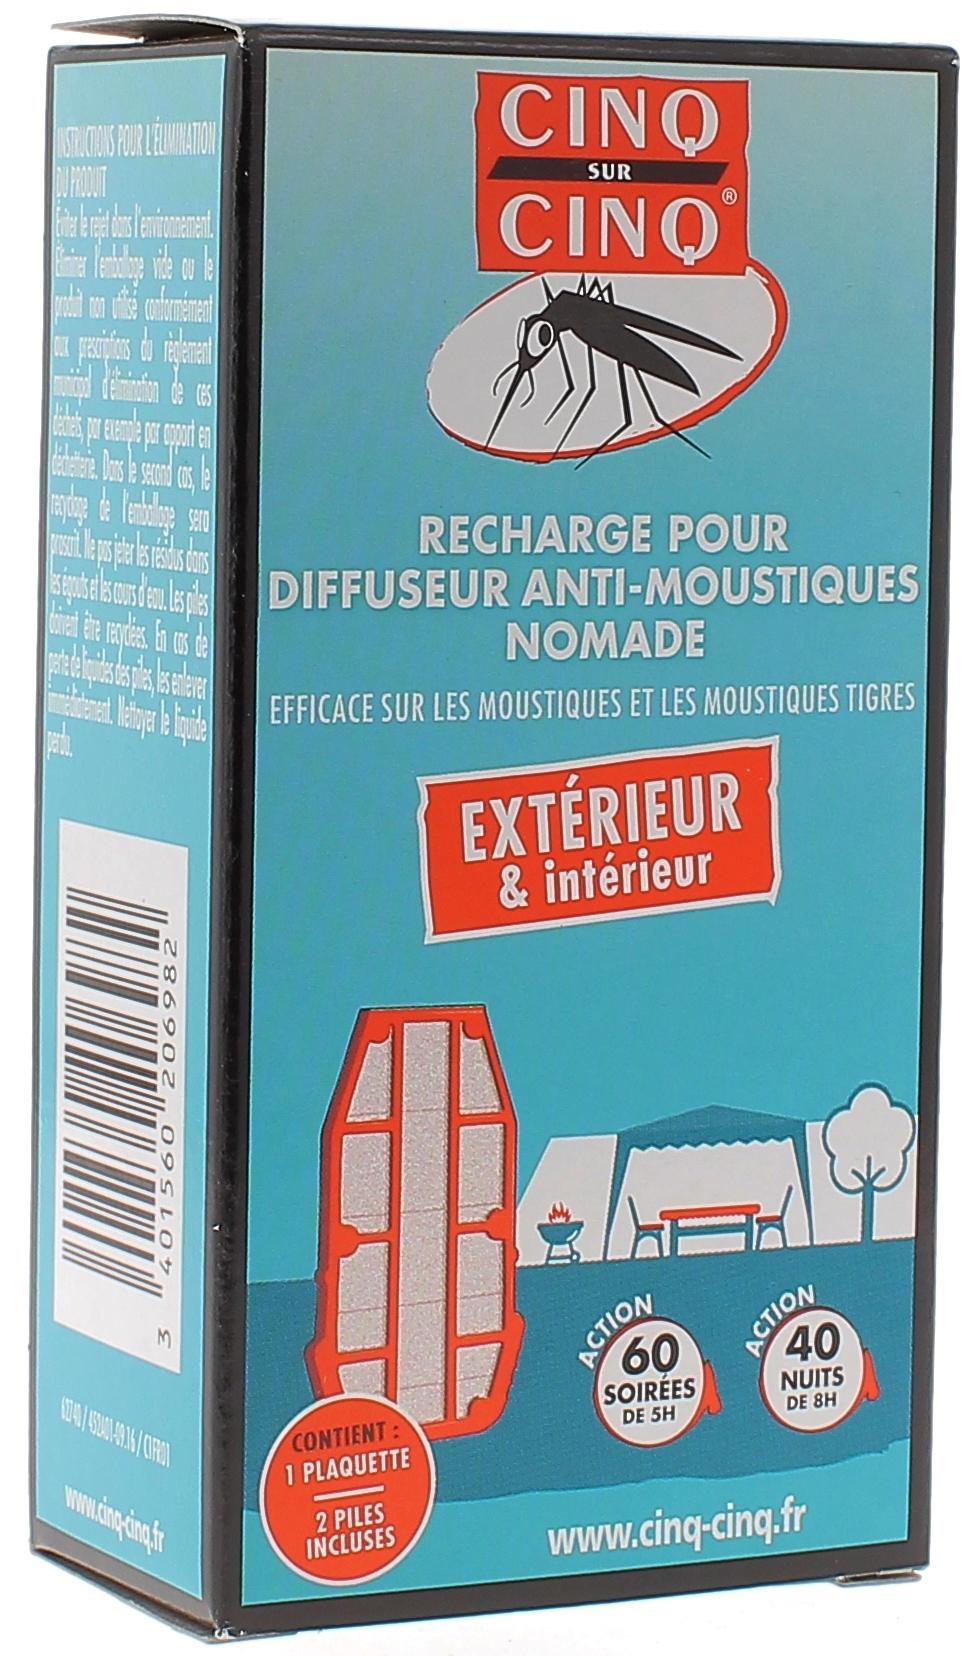 recharge pour diffuseur anti moustiques nomade cinq sur cinq 1 plaquettes piles. Black Bedroom Furniture Sets. Home Design Ideas